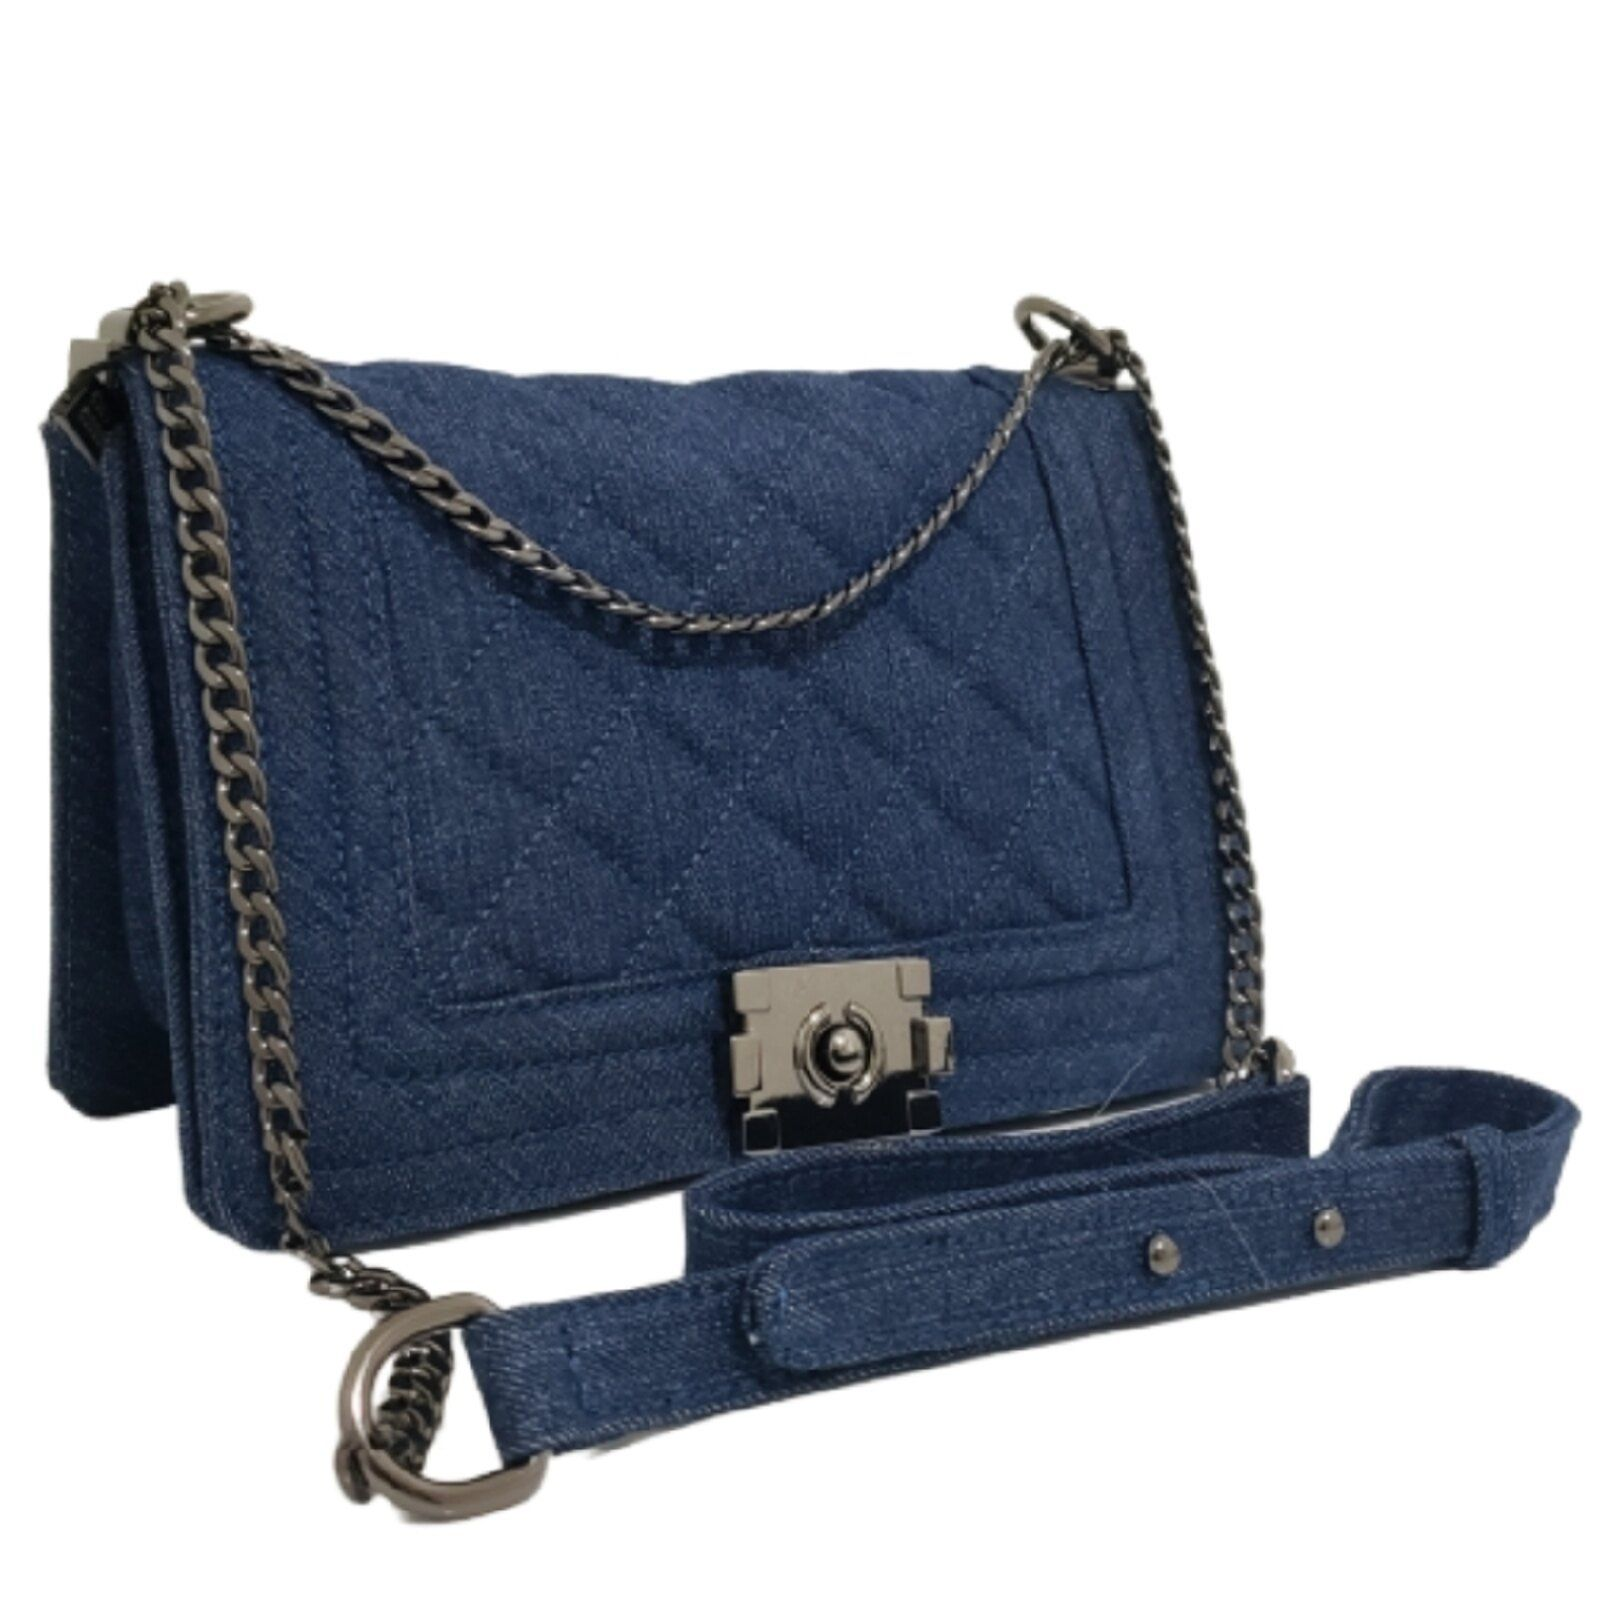 Bolso bandolera pequeño Fanlice Strap Chain Blue Jeans  – Bolsa